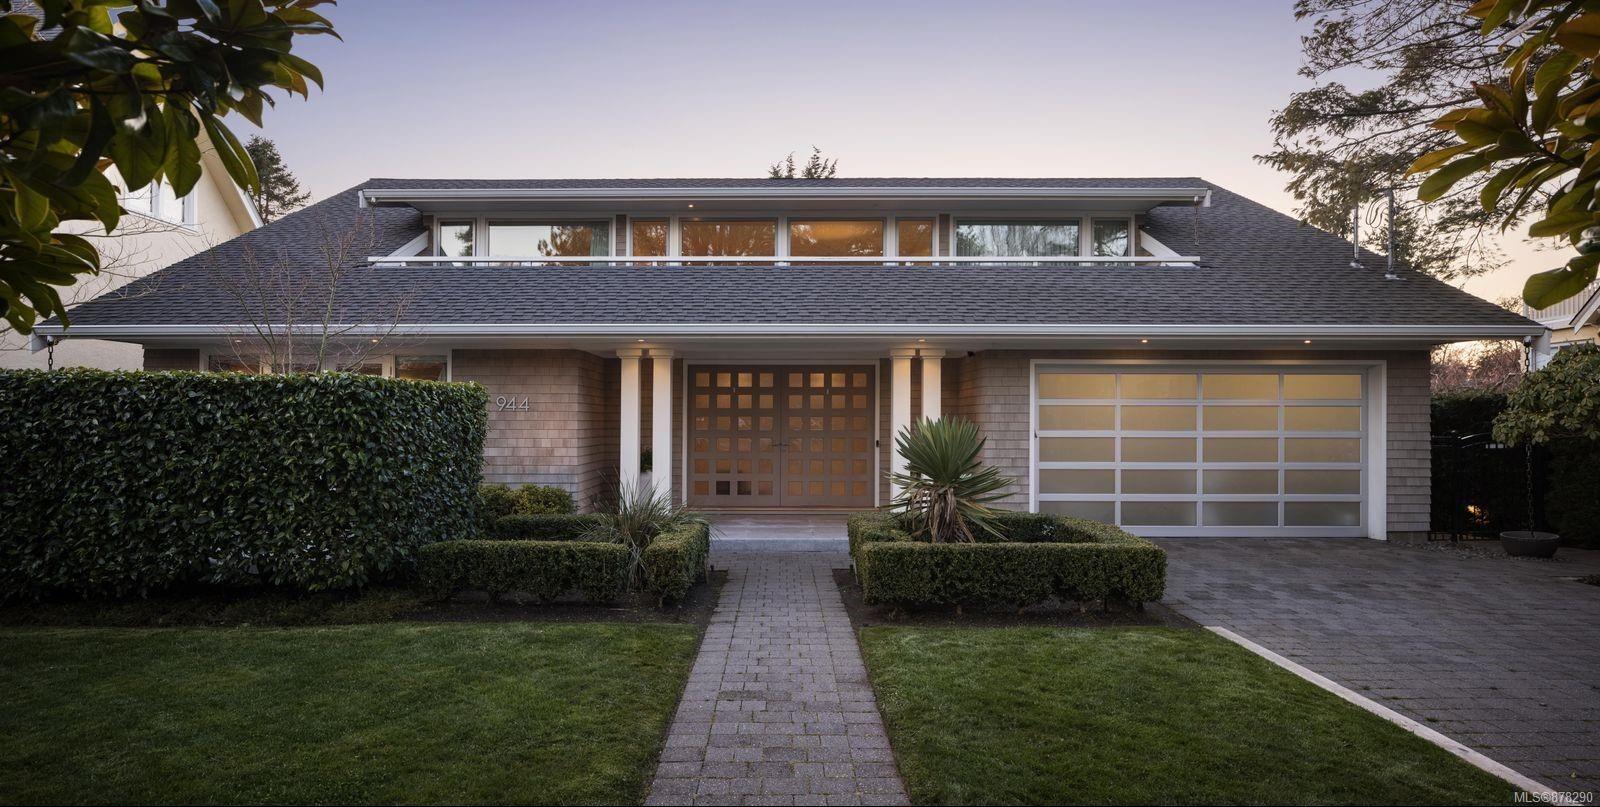 Main Photo: 944 Island Rd in : OB South Oak Bay House for sale (Oak Bay)  : MLS®# 878290